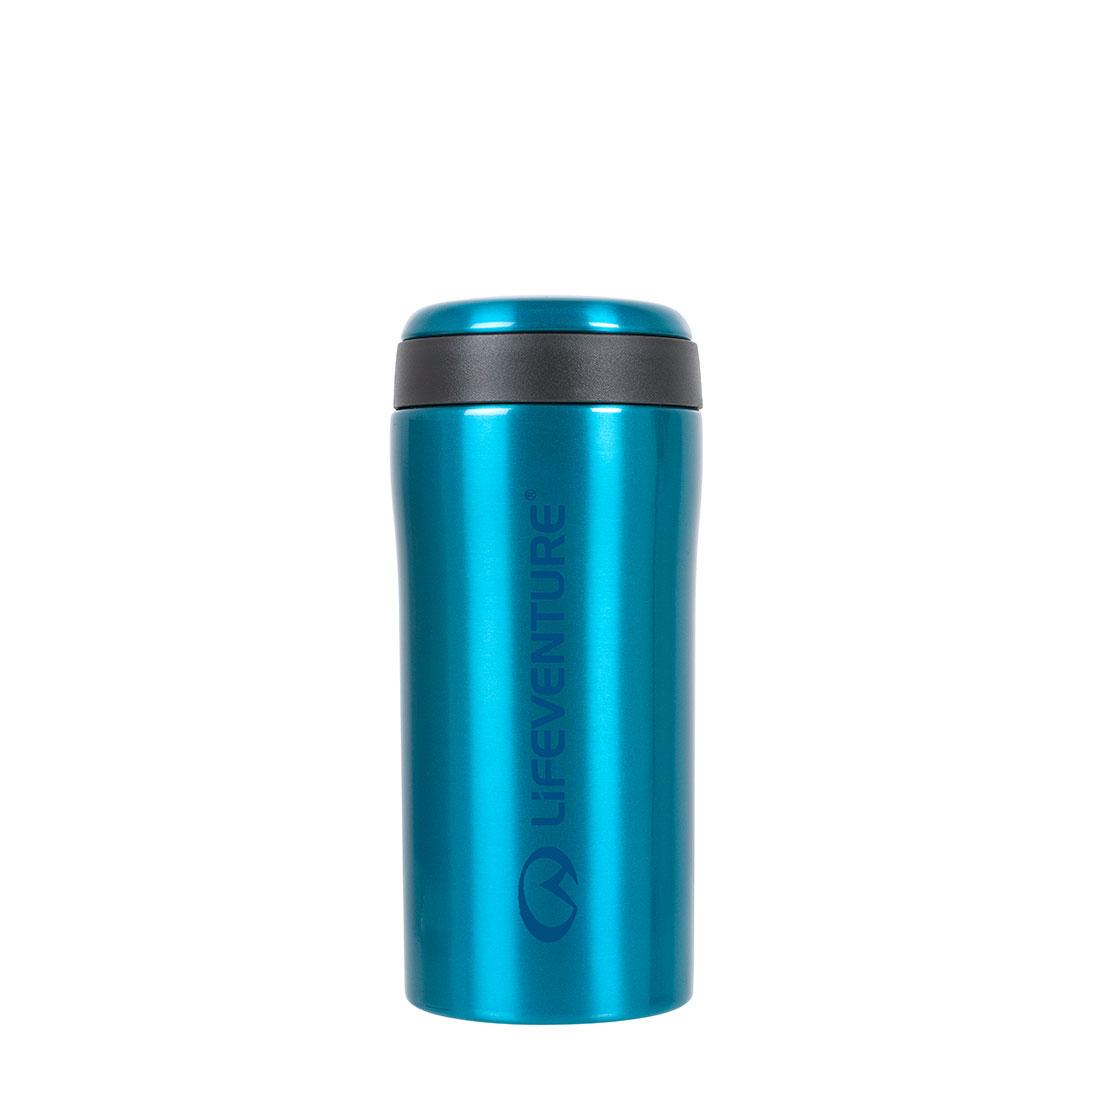 Tiv Vacuum Flask Lid (700ml - 1000ml)